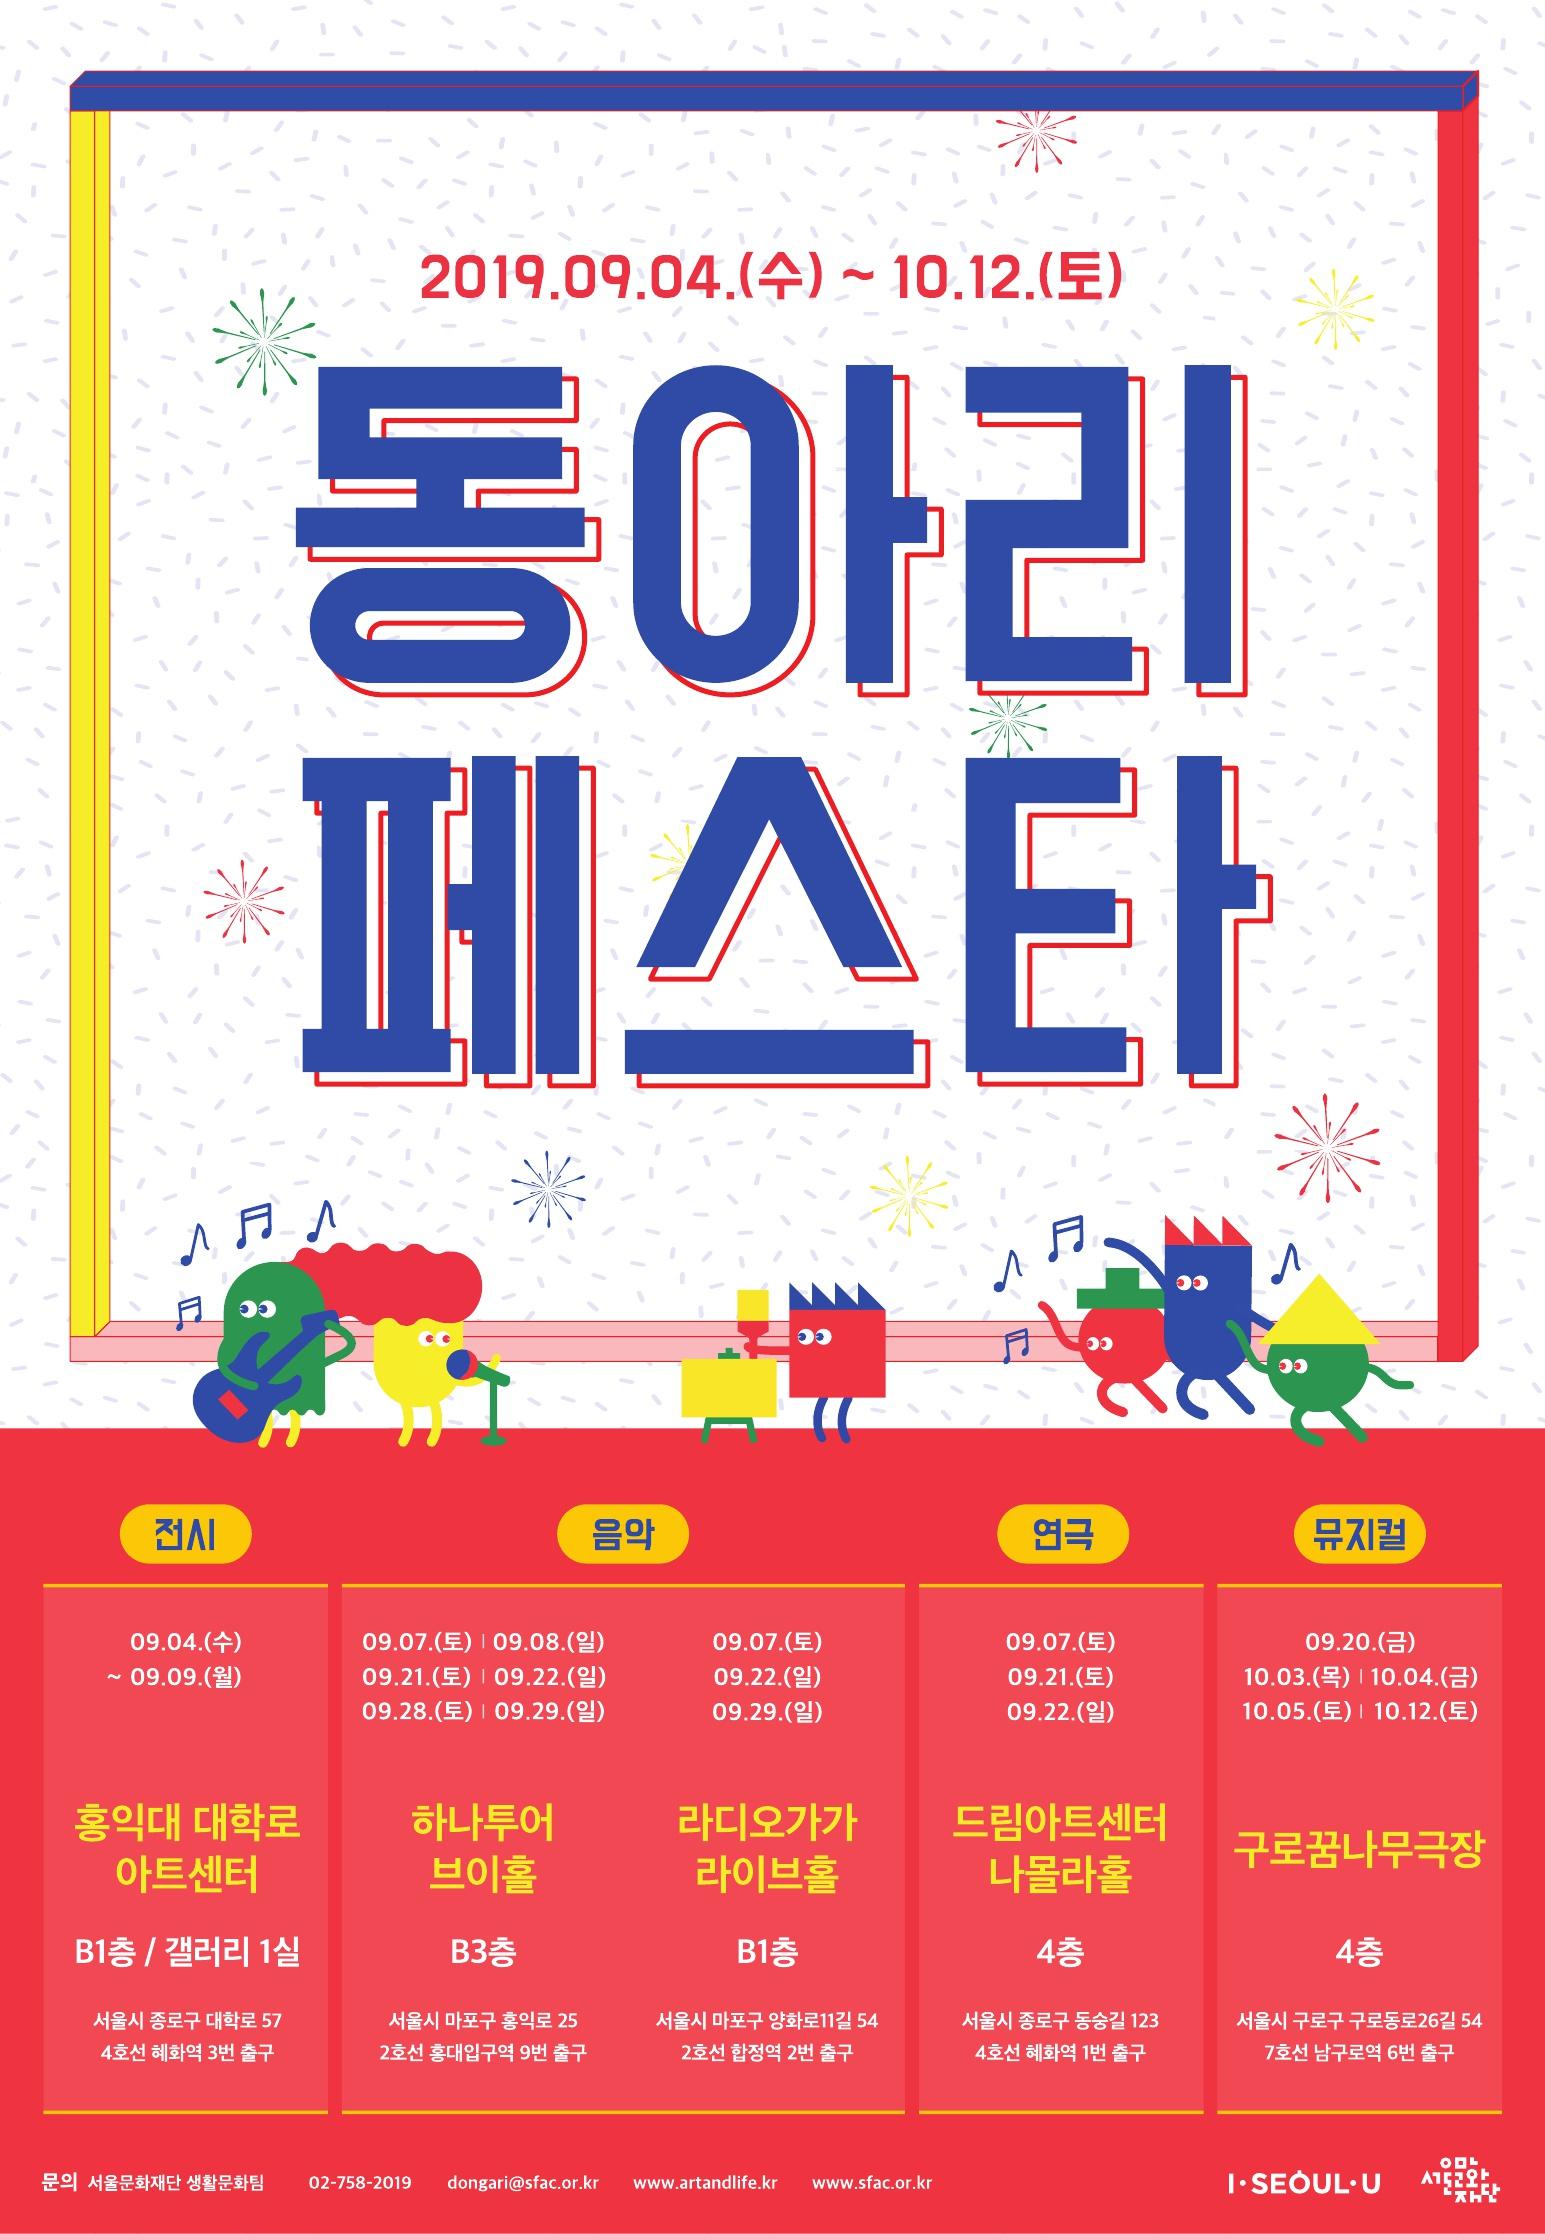 생활예술 동아리 92팀, 6주간 공연 축제